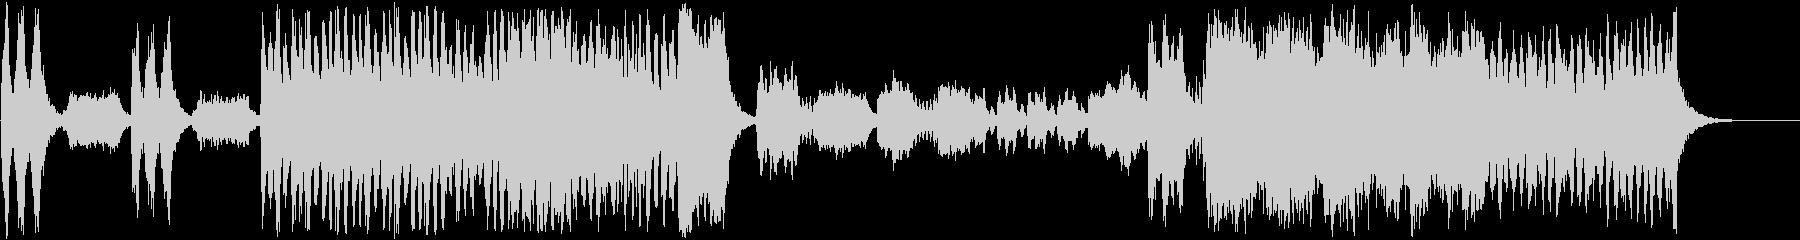 交響曲第41番第1楽章/モーツァルトの未再生の波形